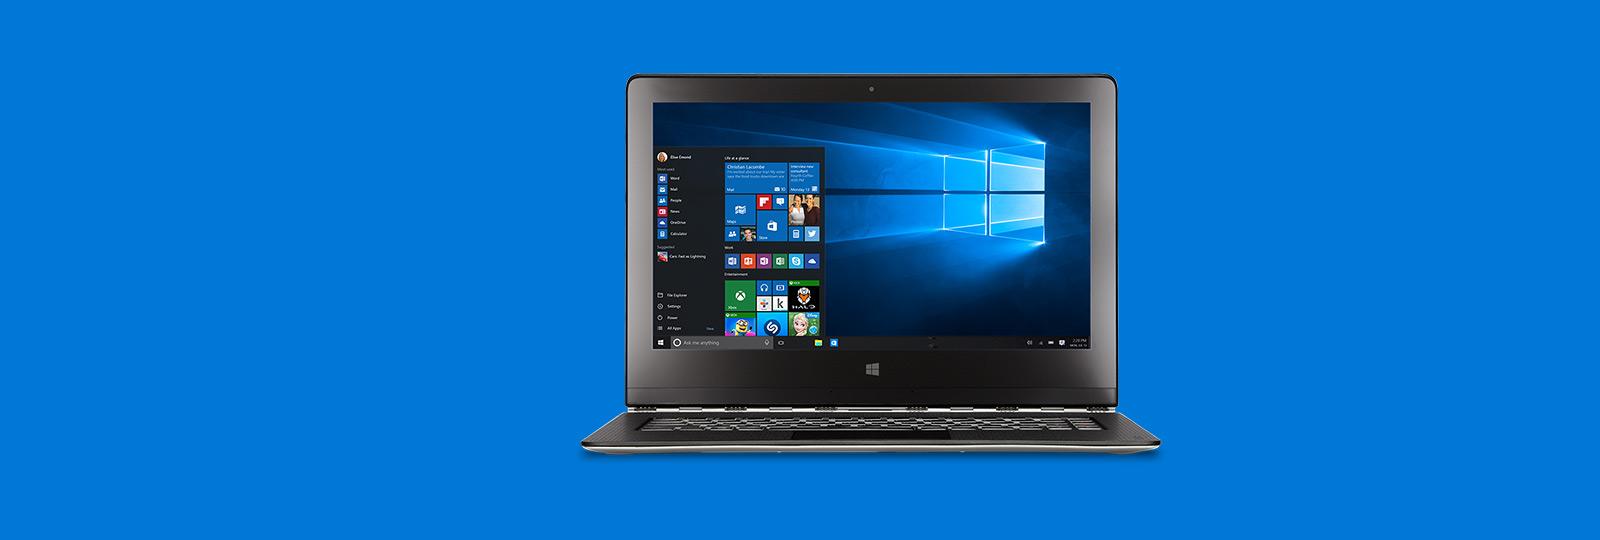 史上最強的 Windows。免費升級。*